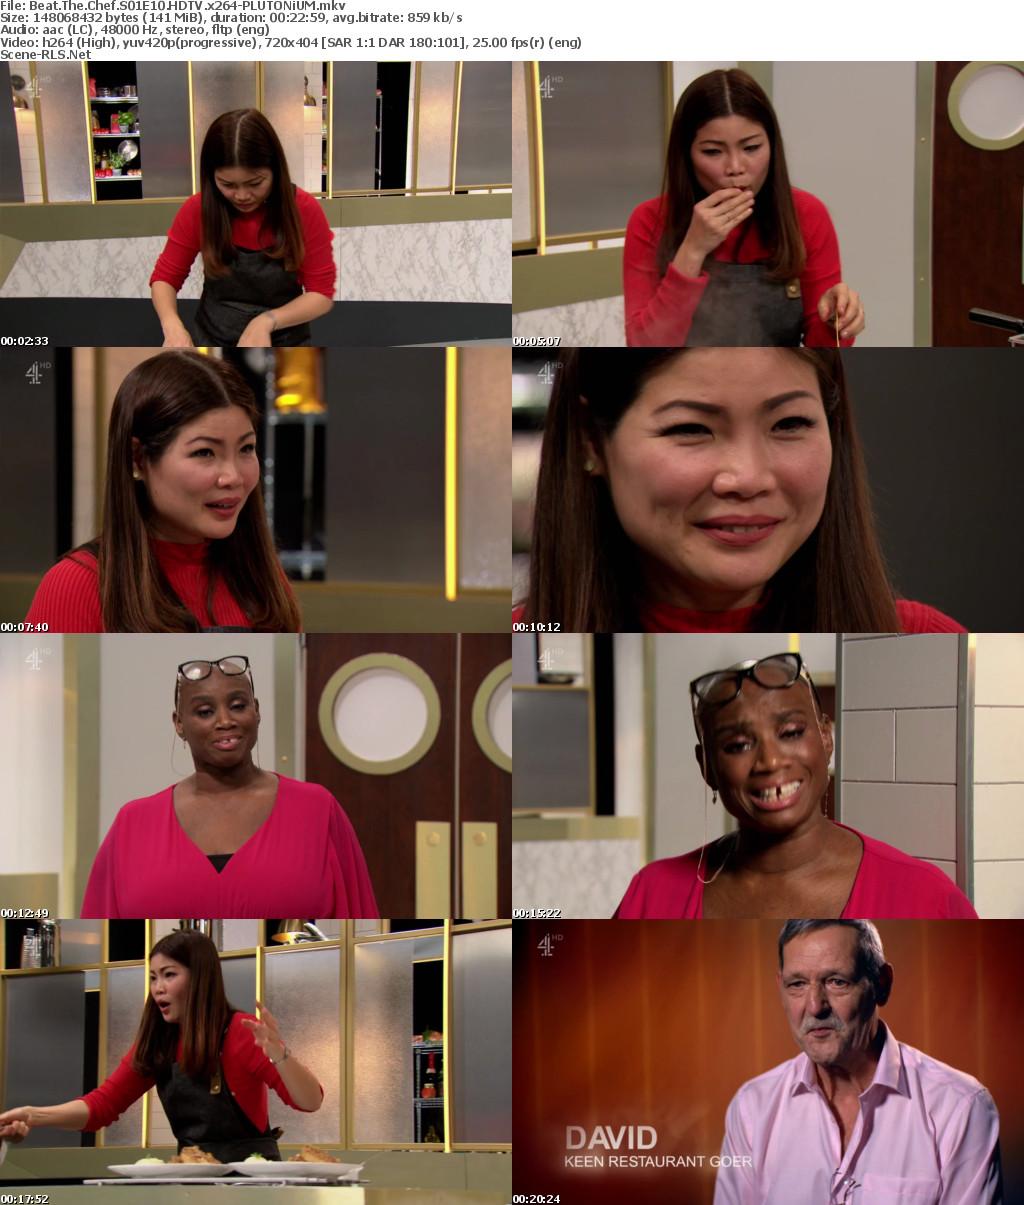 Beat The Chef S01E10 1080p HDTV H264-PLUTONiUM - Scene Release